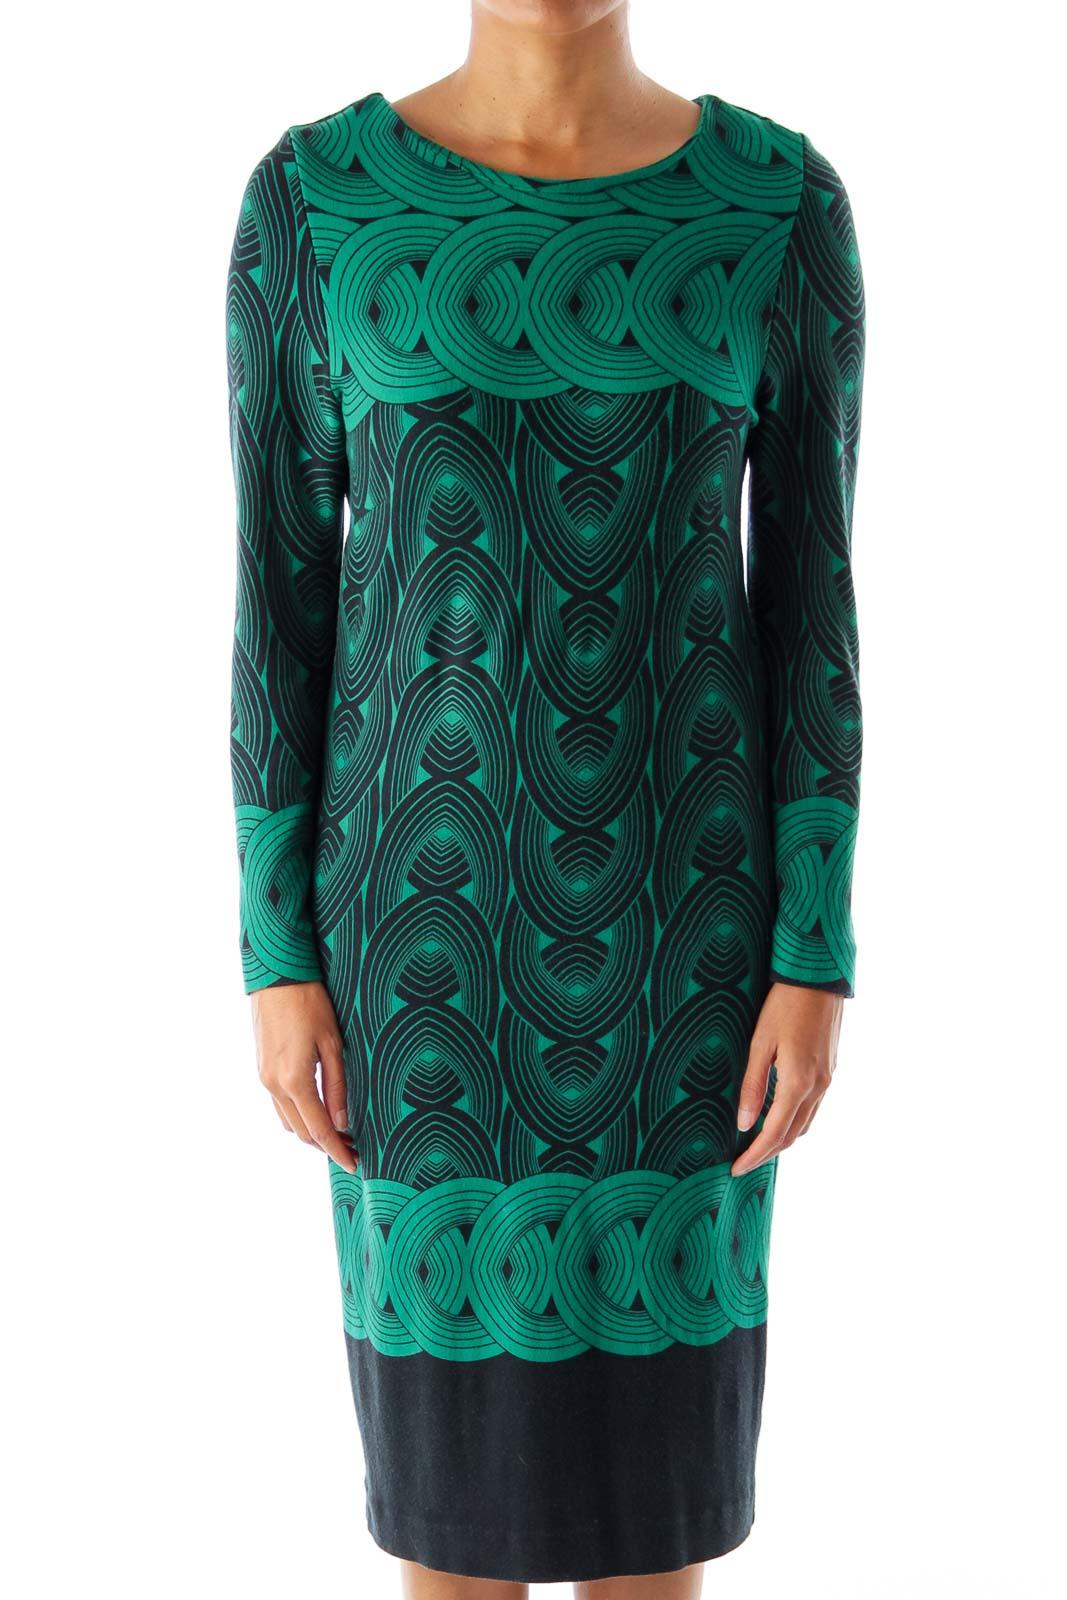 Green & Black Tribal Midi Dress Front